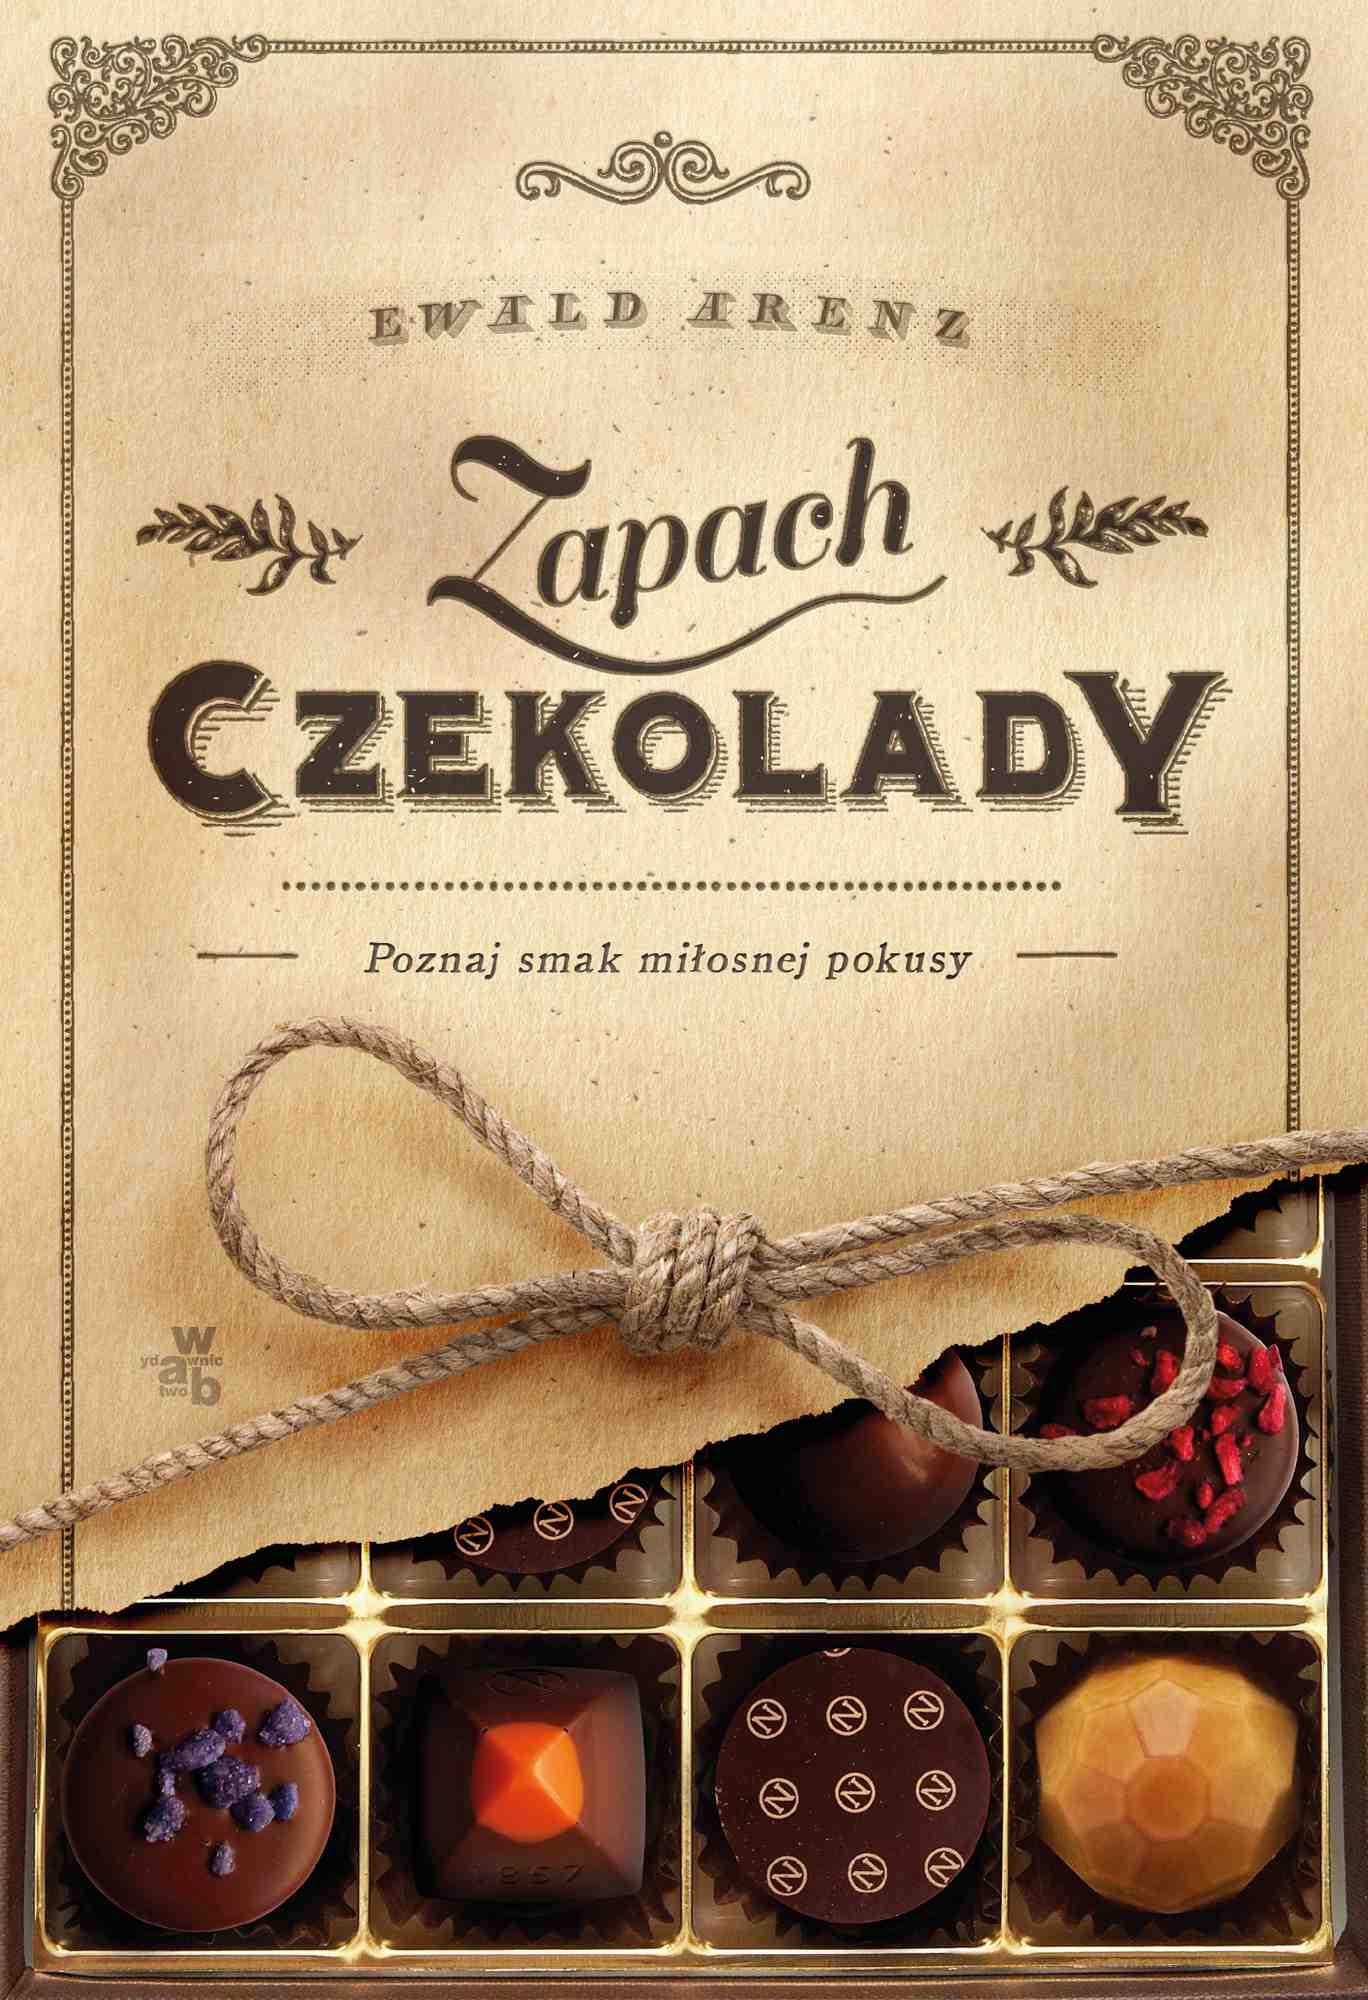 Zapach czekolady - Ebook (Książka na Kindle) do pobrania w formacie MOBI